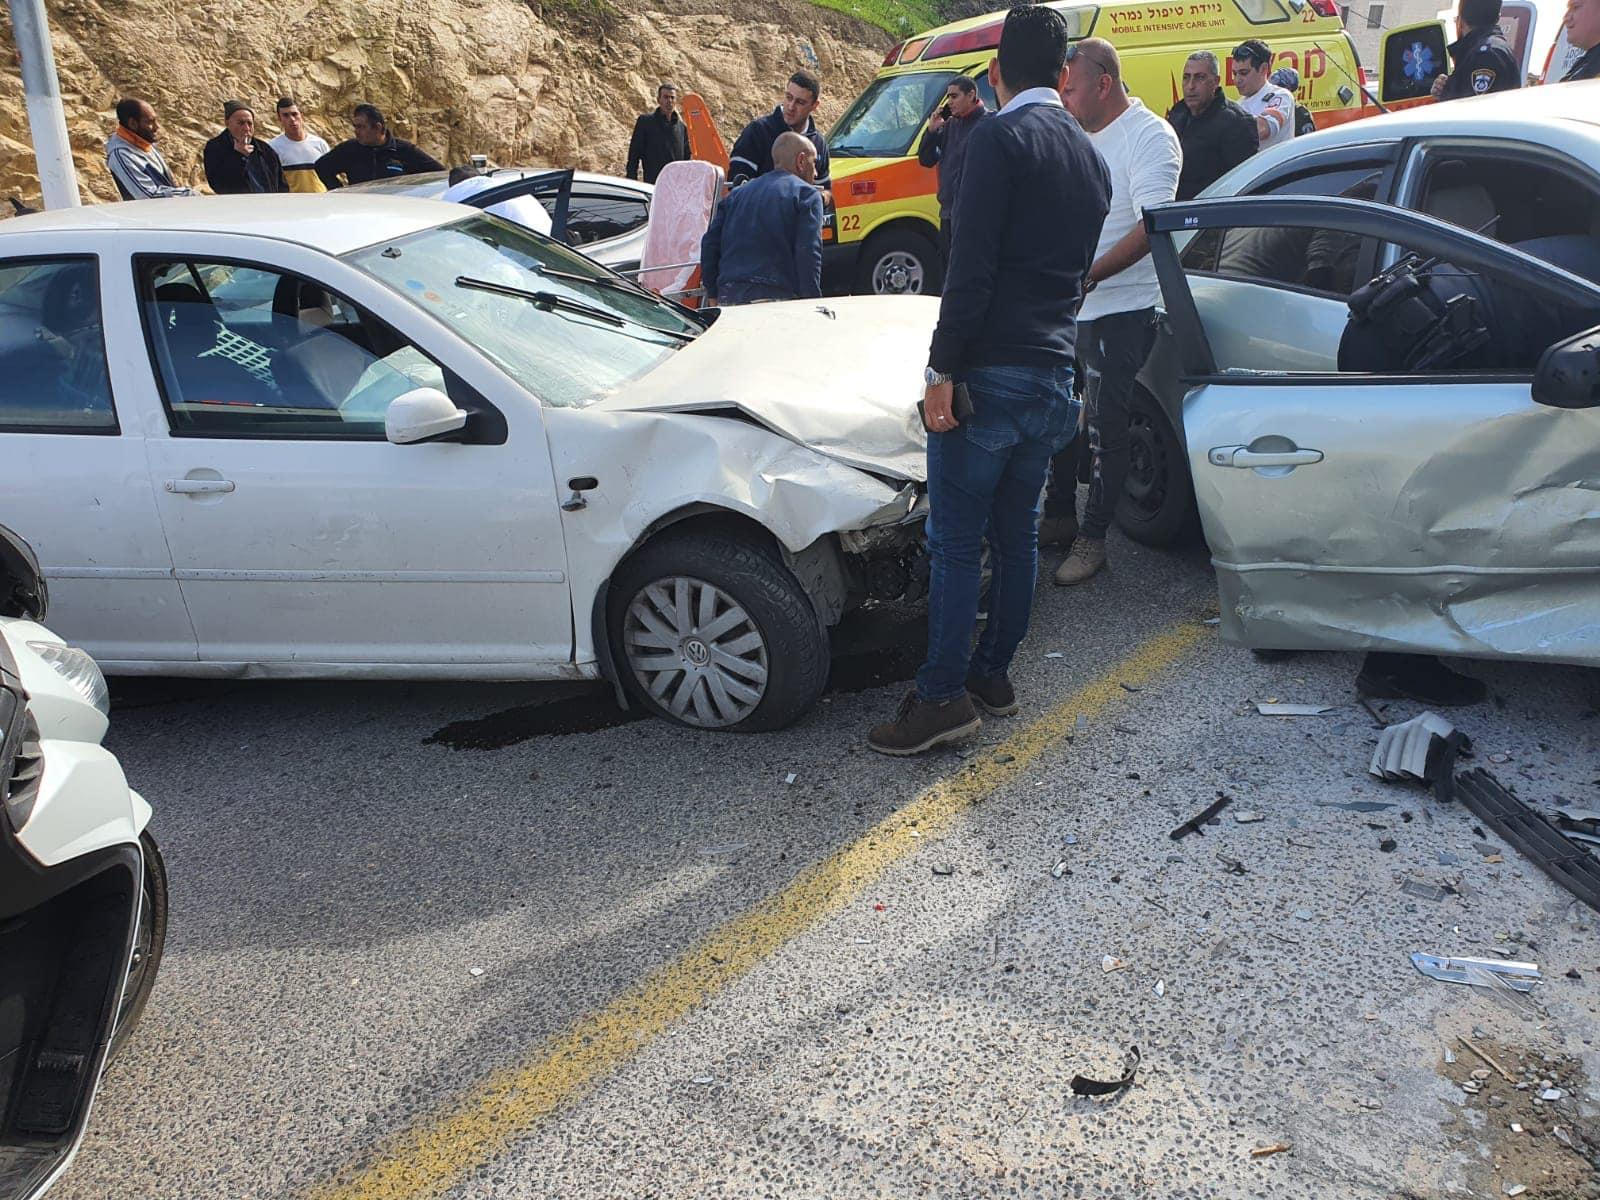 إصابتان في حادث طرق بعد مطاردة بوليسية بالناصرة